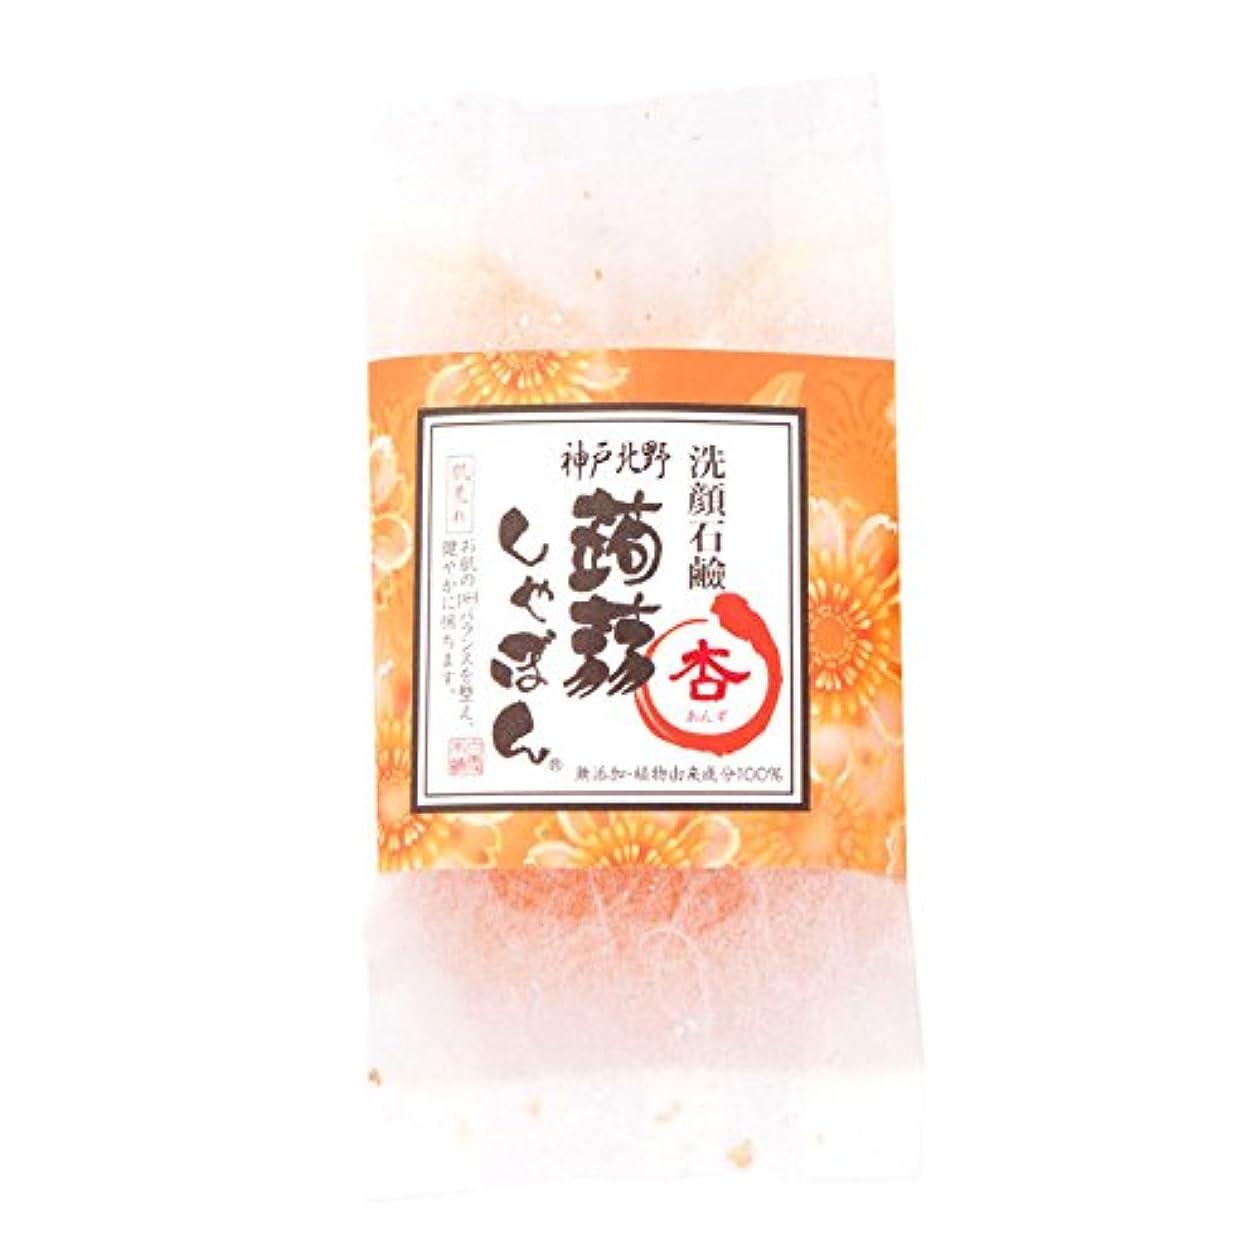 教授魔術師スペイン神戸蒟蒻しゃぼん神戸 杏(あんず)